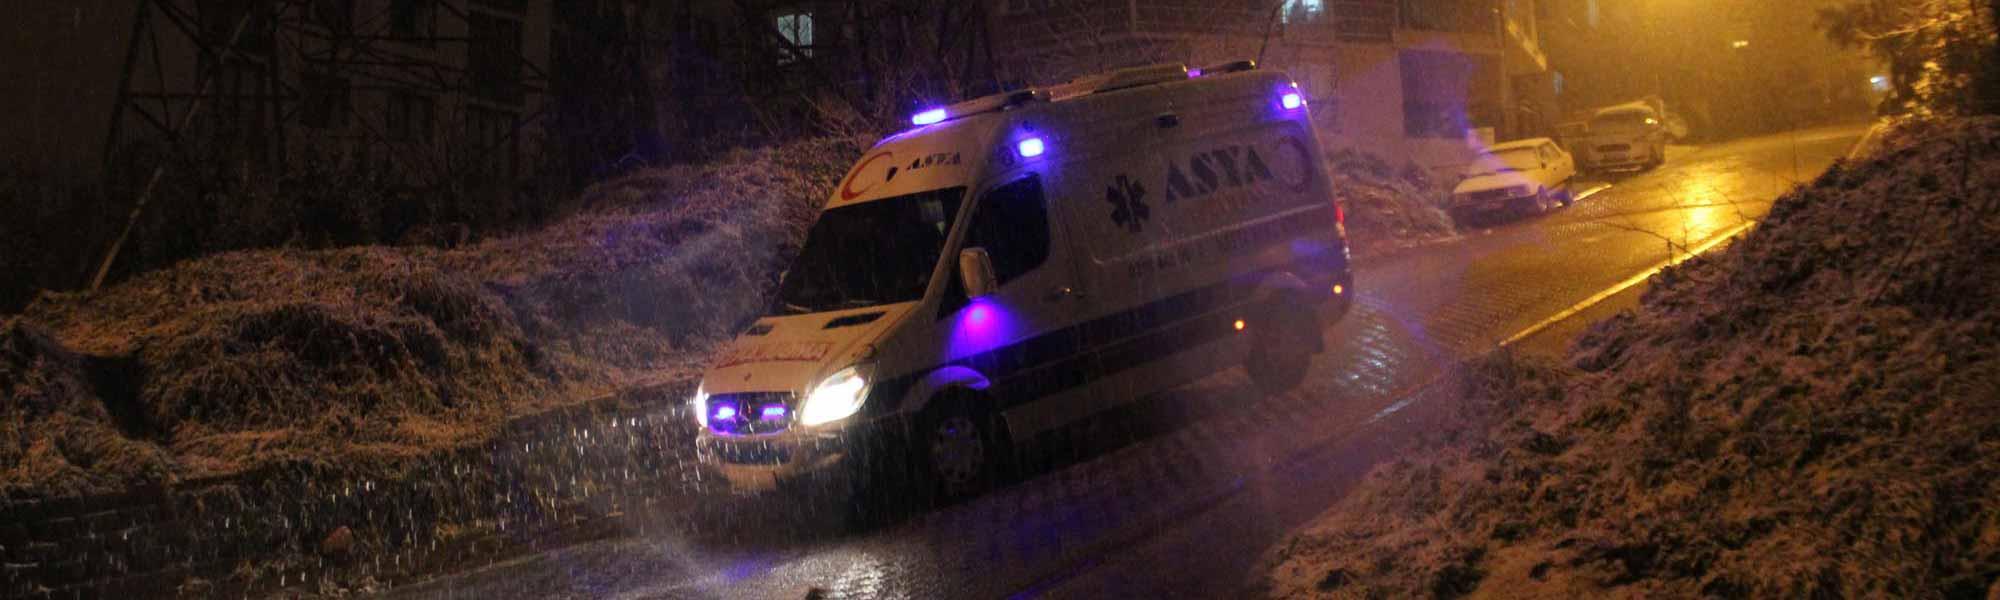 Adıyaman Özel Ambulans